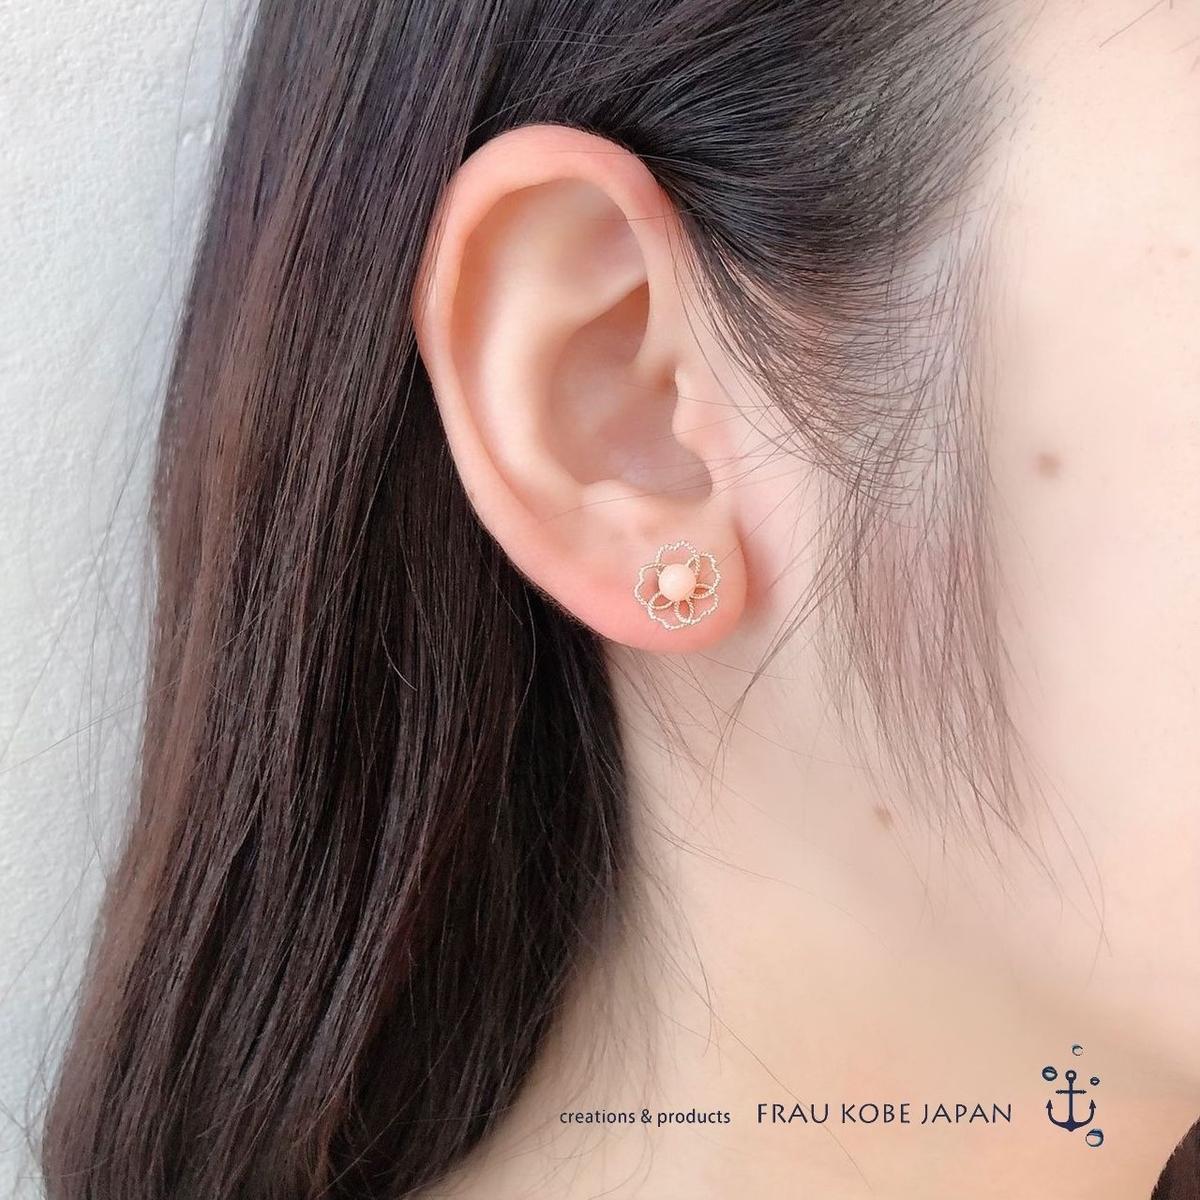 f:id:takamatsu-frau-kobe:20210319164413j:plain